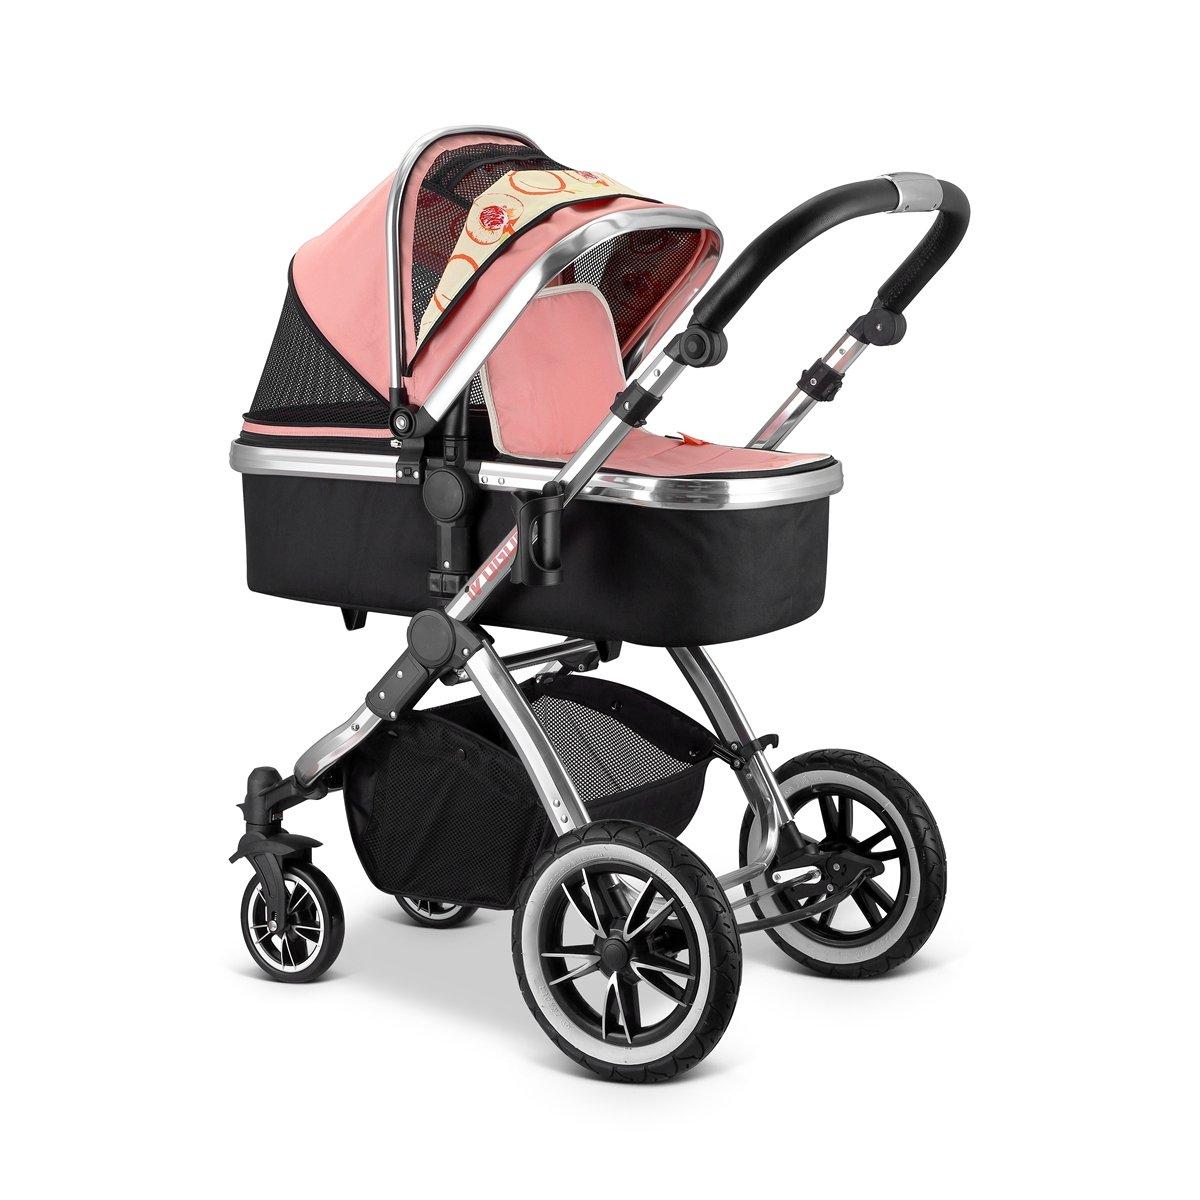 Carrito de niño de lujo 3 in1 iVogue, sistema de viaje iSafe (completo con asiento para niños): Amazon.es: Bebé